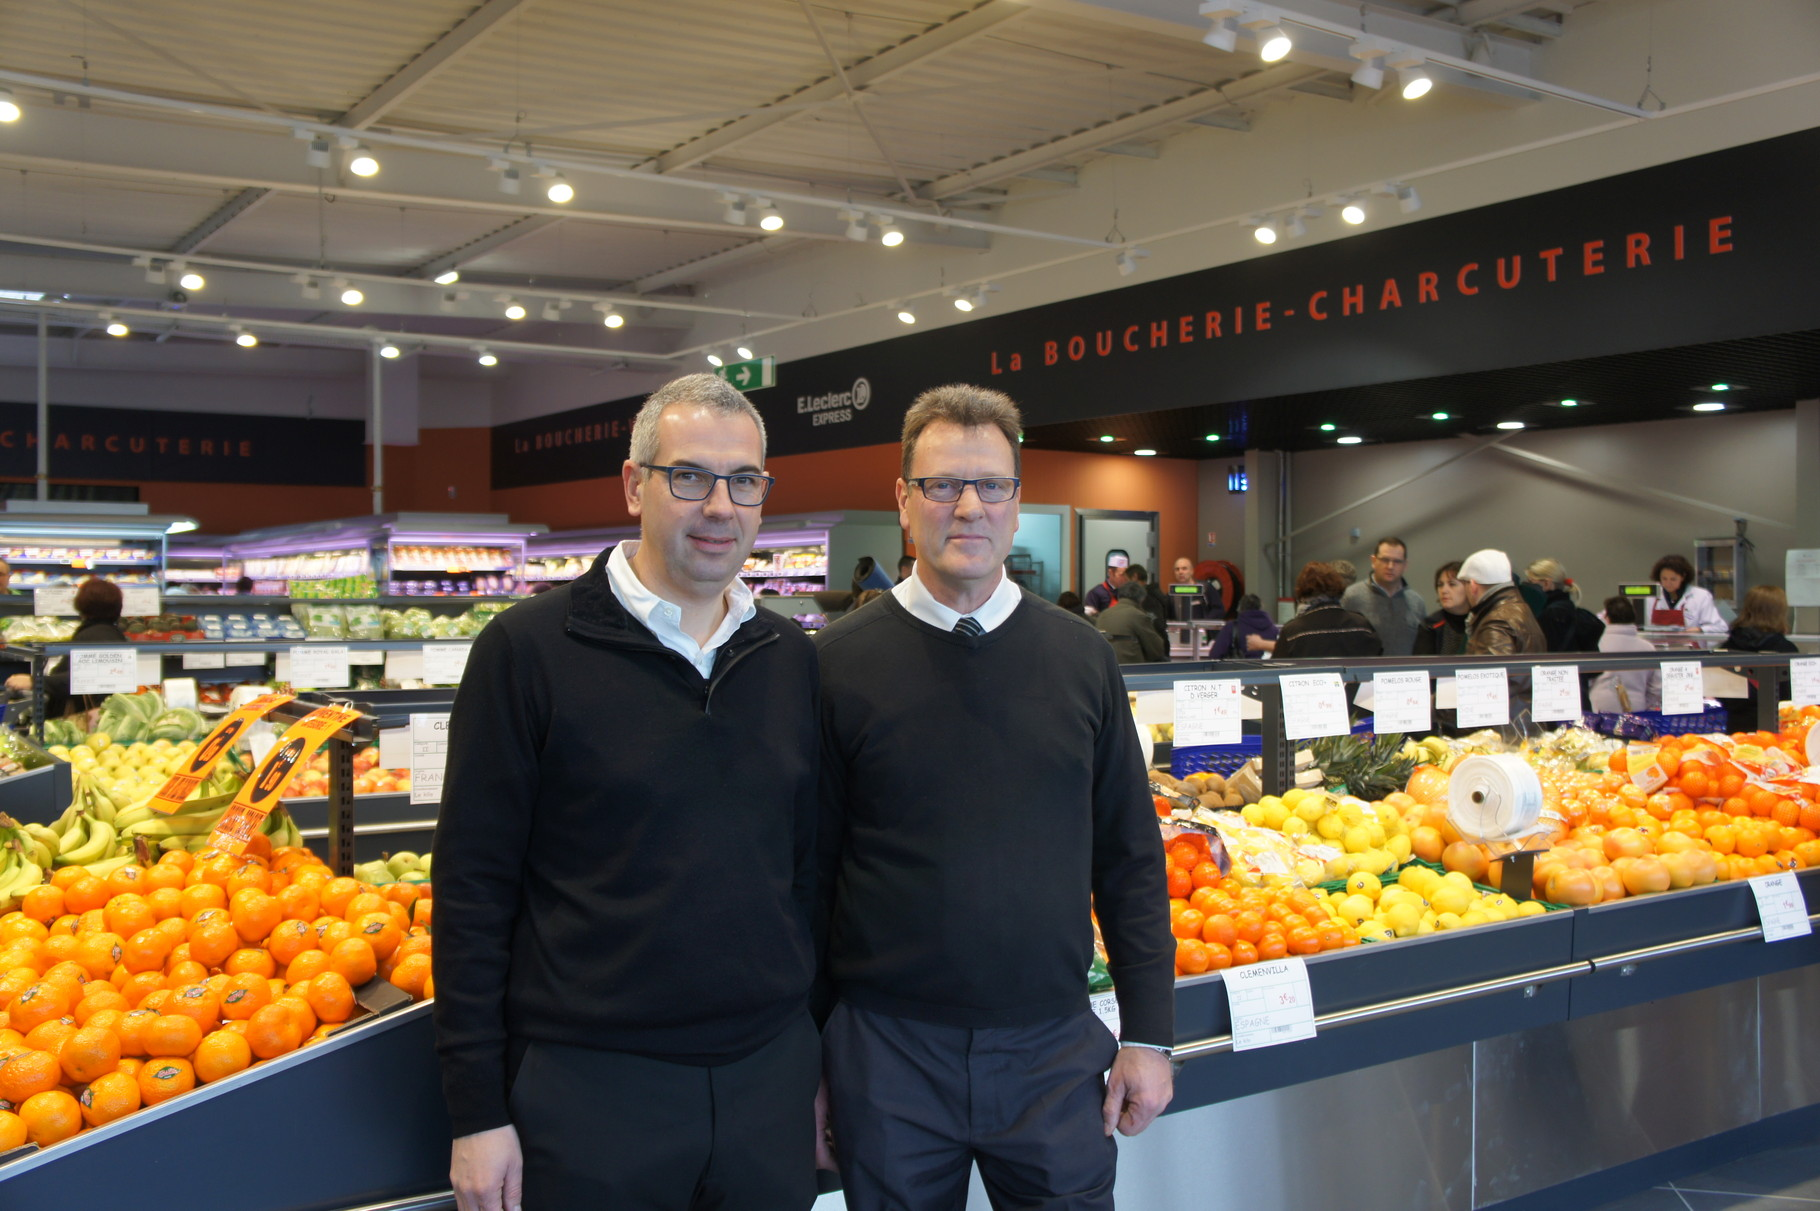 De gauche à droite : Cédric Pouillon, Directeur d'EPER-DIS Dizy (51) et André Delesalle, Responsable du magasin